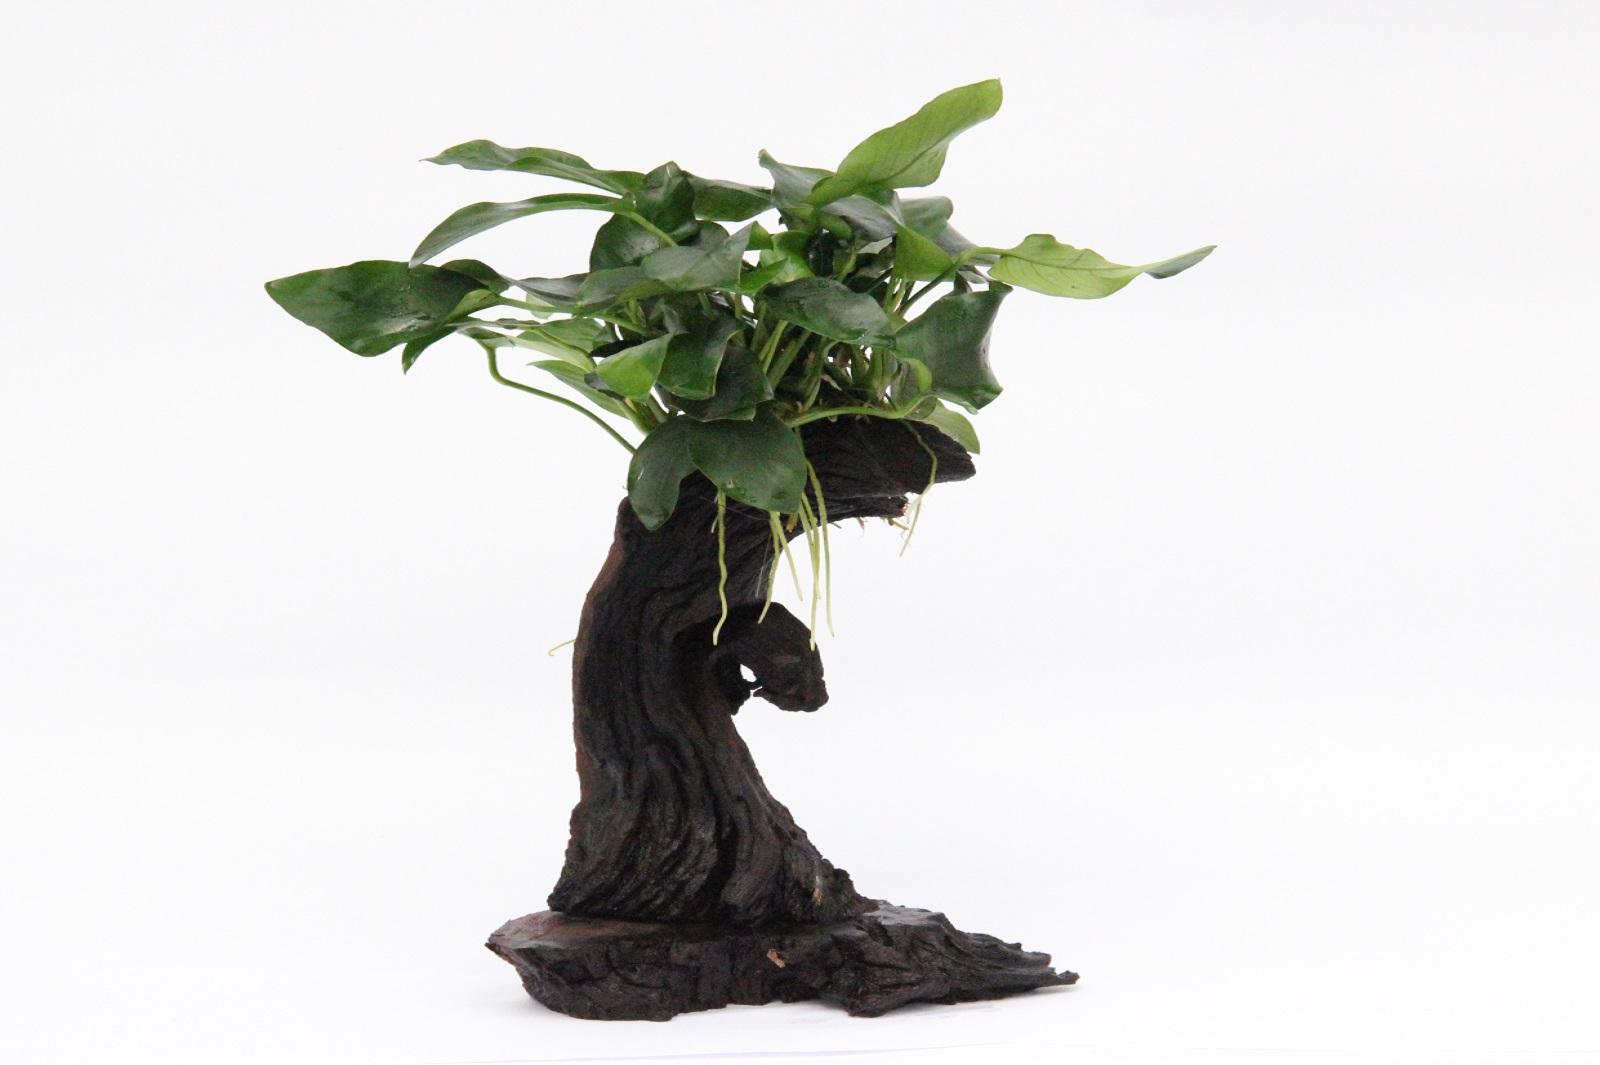 Mbuna klein mit Wasserpflanzen Speerblattaufwuchs fürs Aquarium